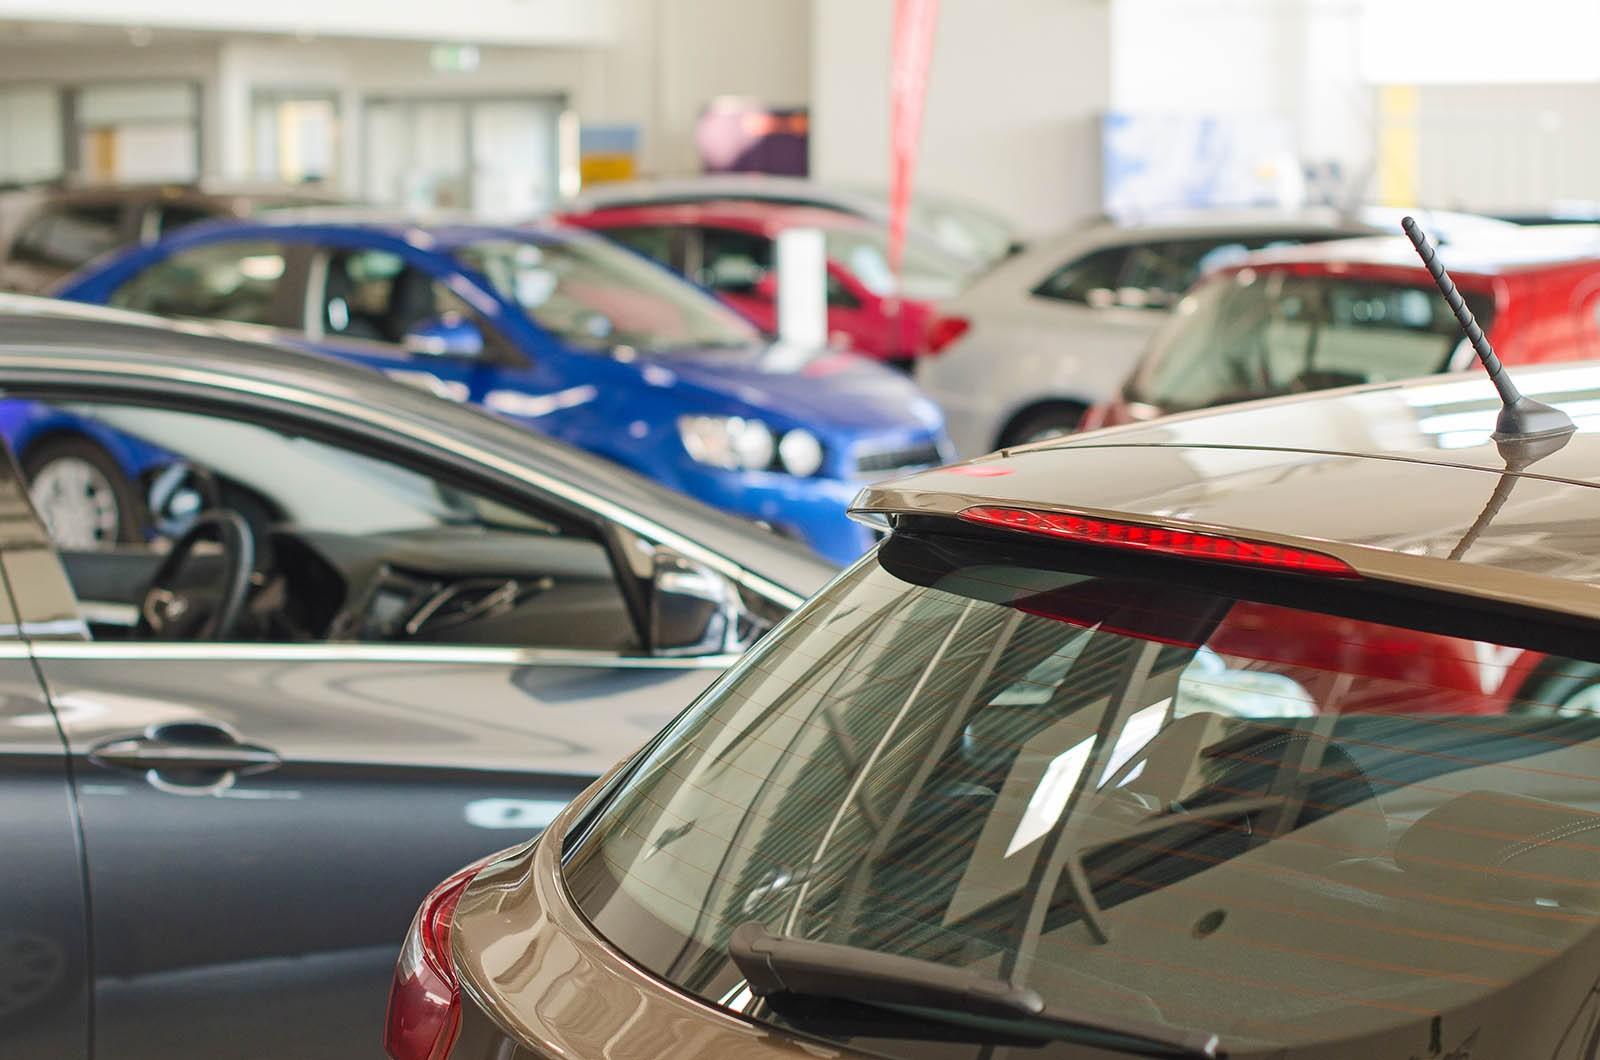 Авито Авто: по итогам 2020 года в России на 7% выросли продажи подержанных автомобилей